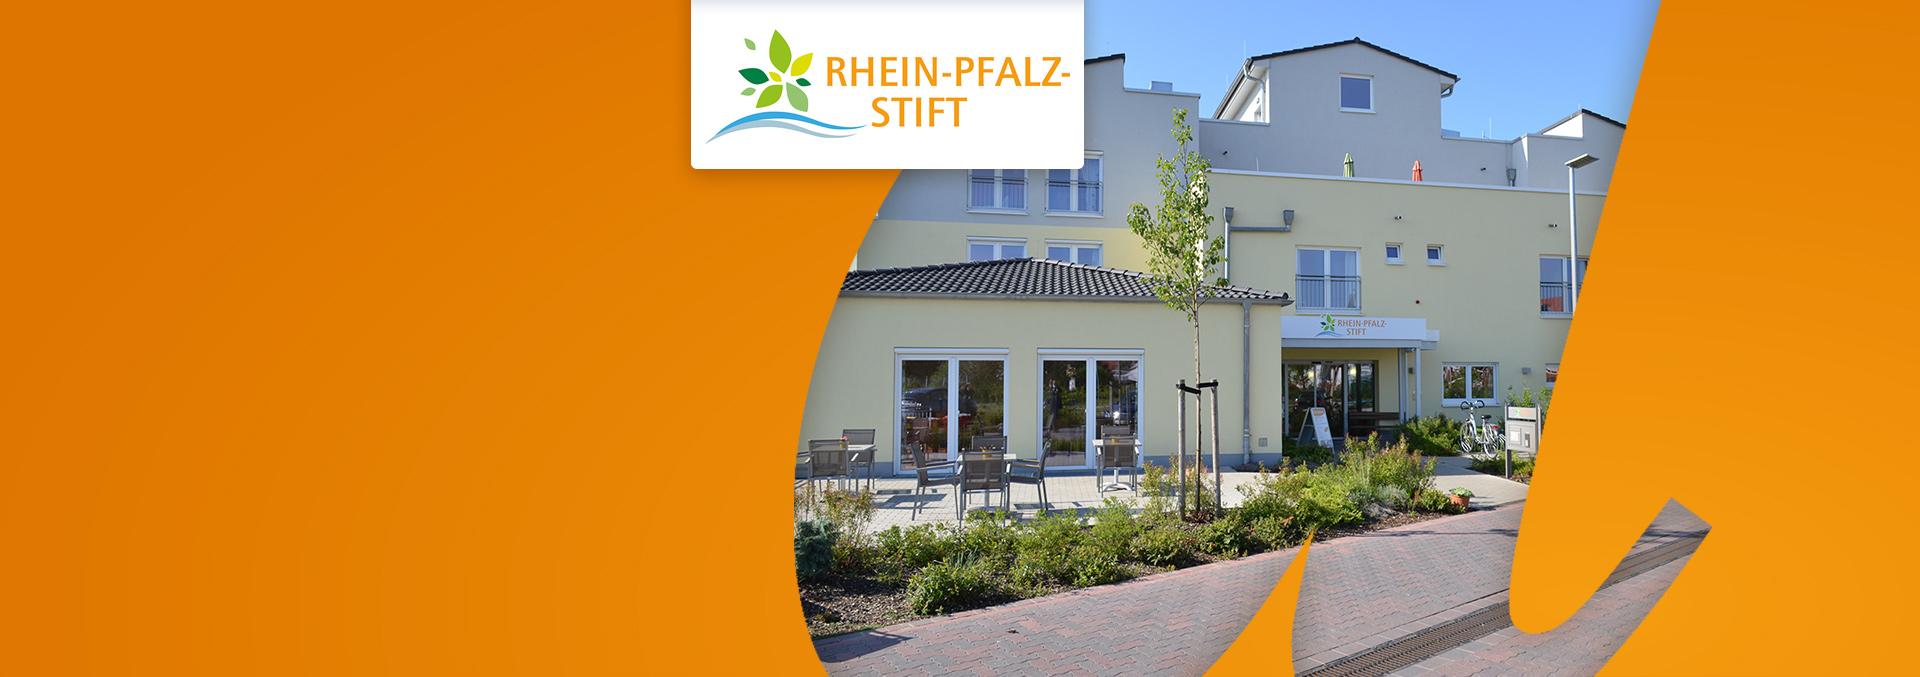 Pflege im Rhein-Pfalz-Stift: Eingangsbereich mit Terrasse